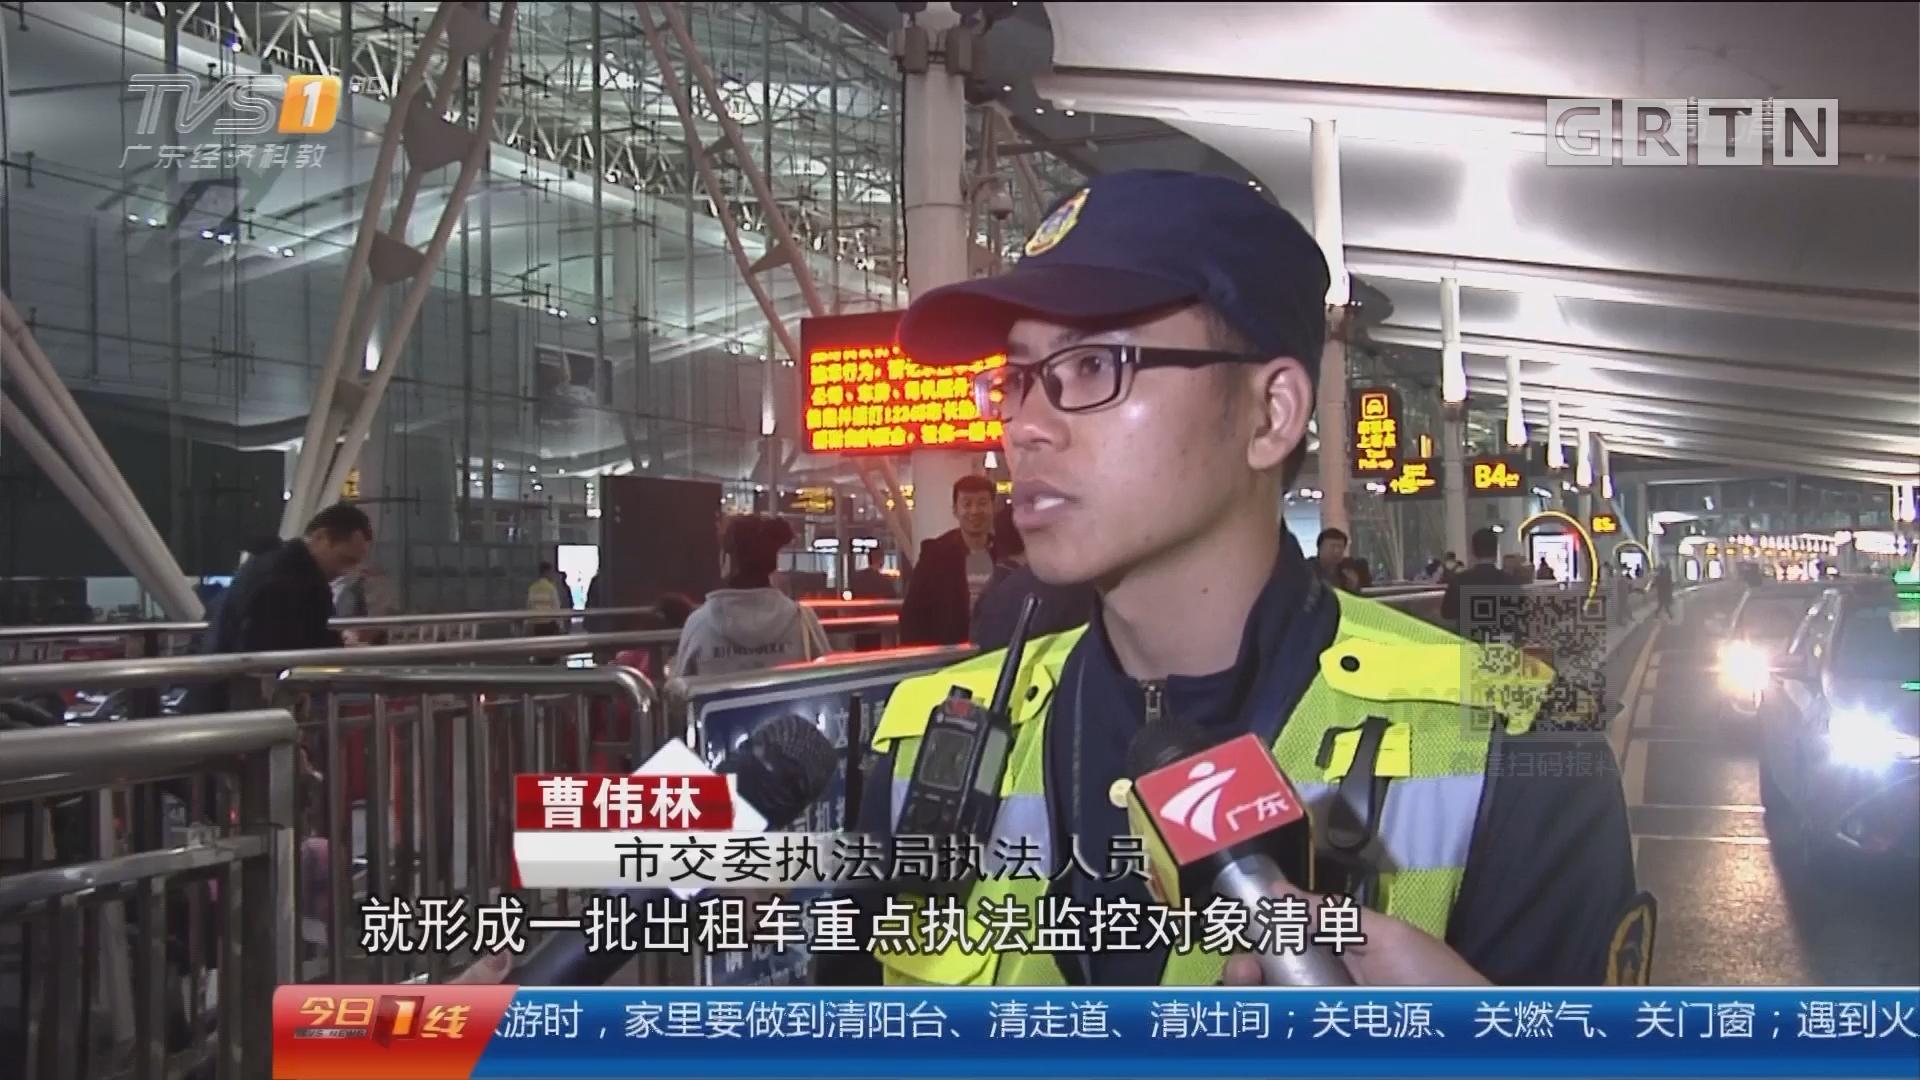 广州白云机场:深夜抵达不用愁 各类接驳顺利回家